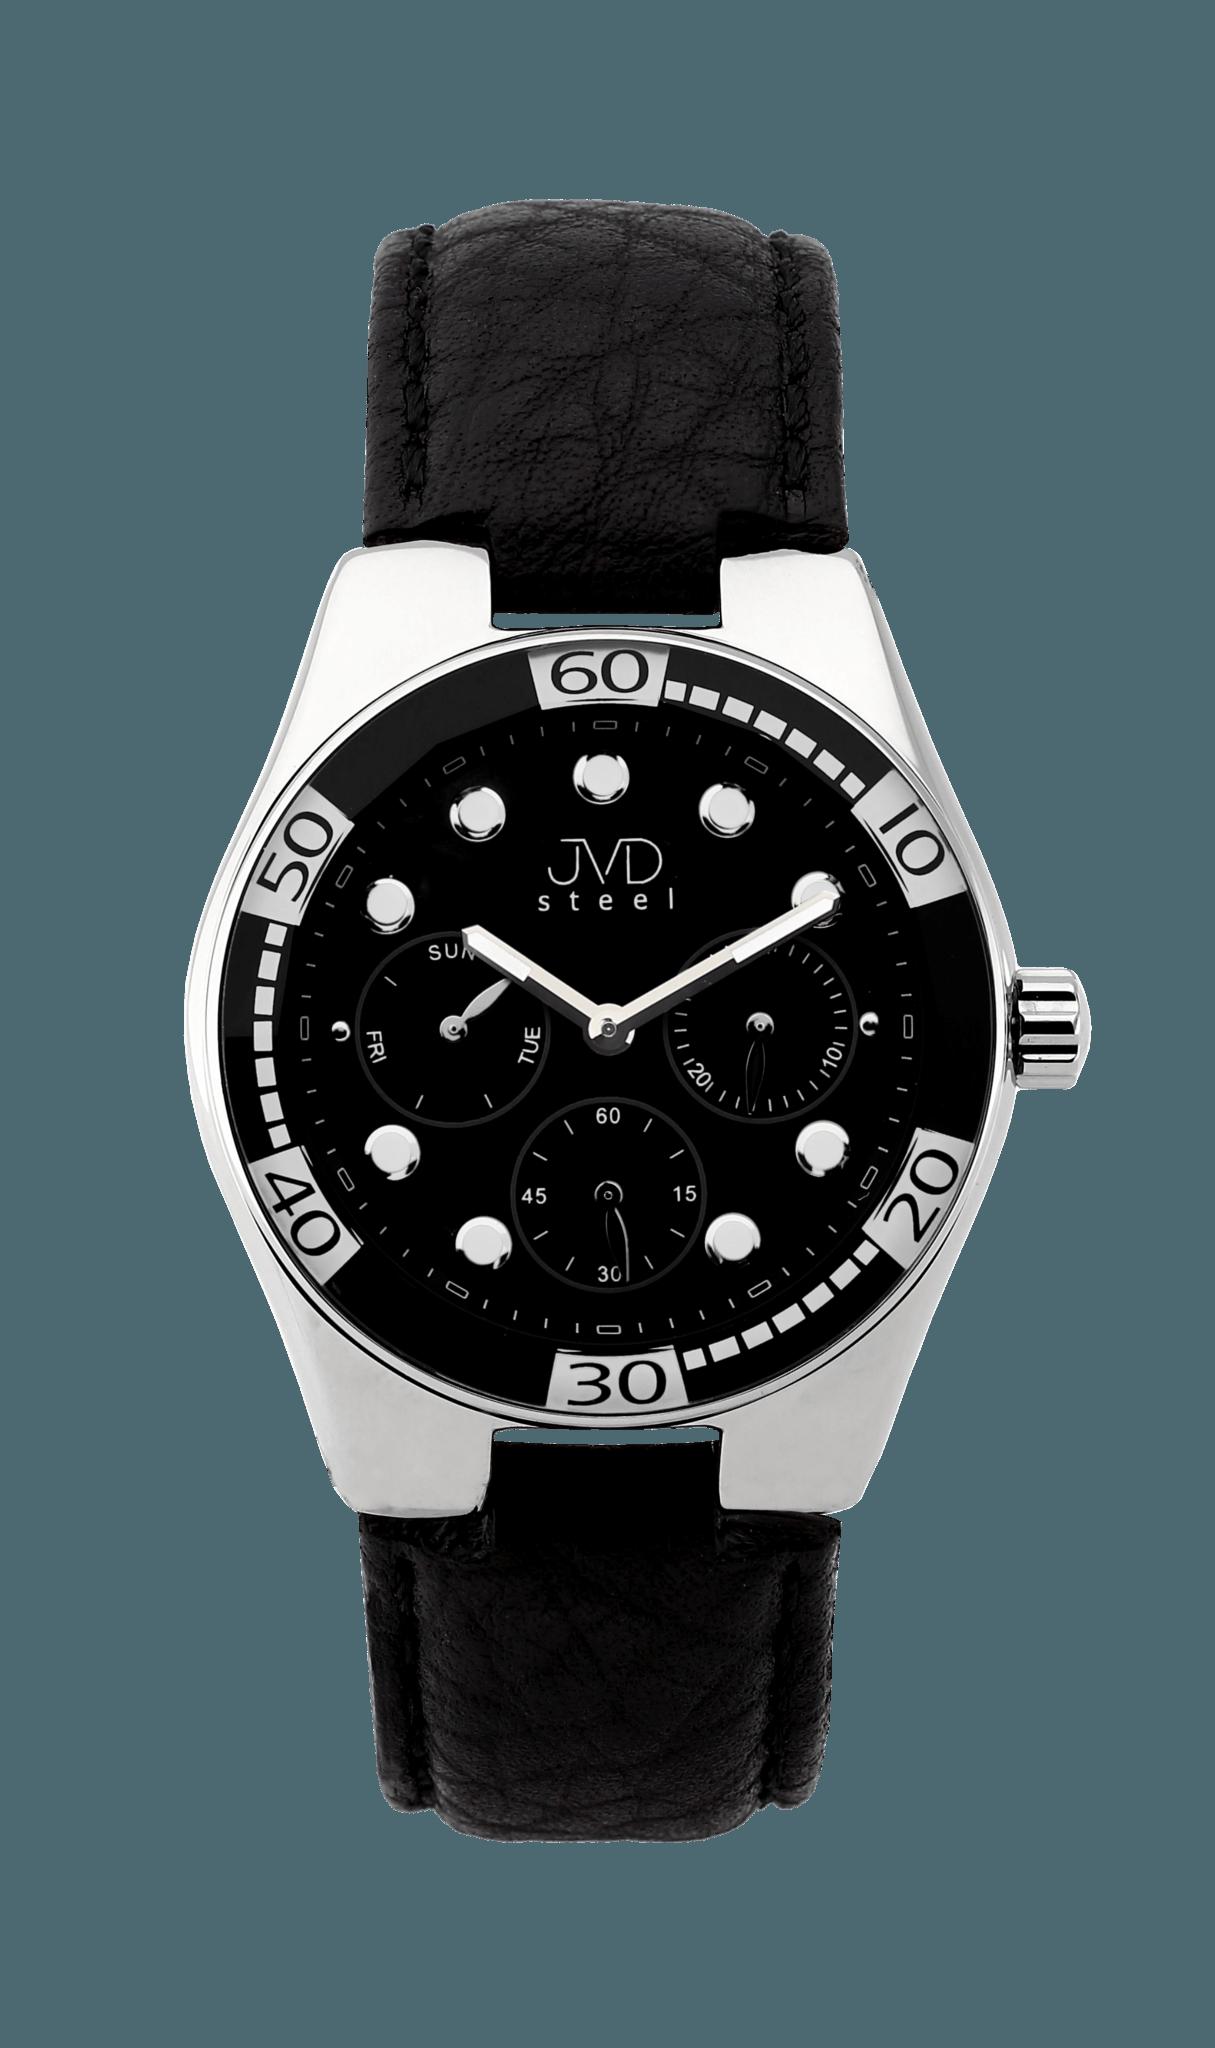 Dámské elegantní náramkové hodinky Steel JVDW 52.2 (POŠTOVNÉ ZDARMA!!!)